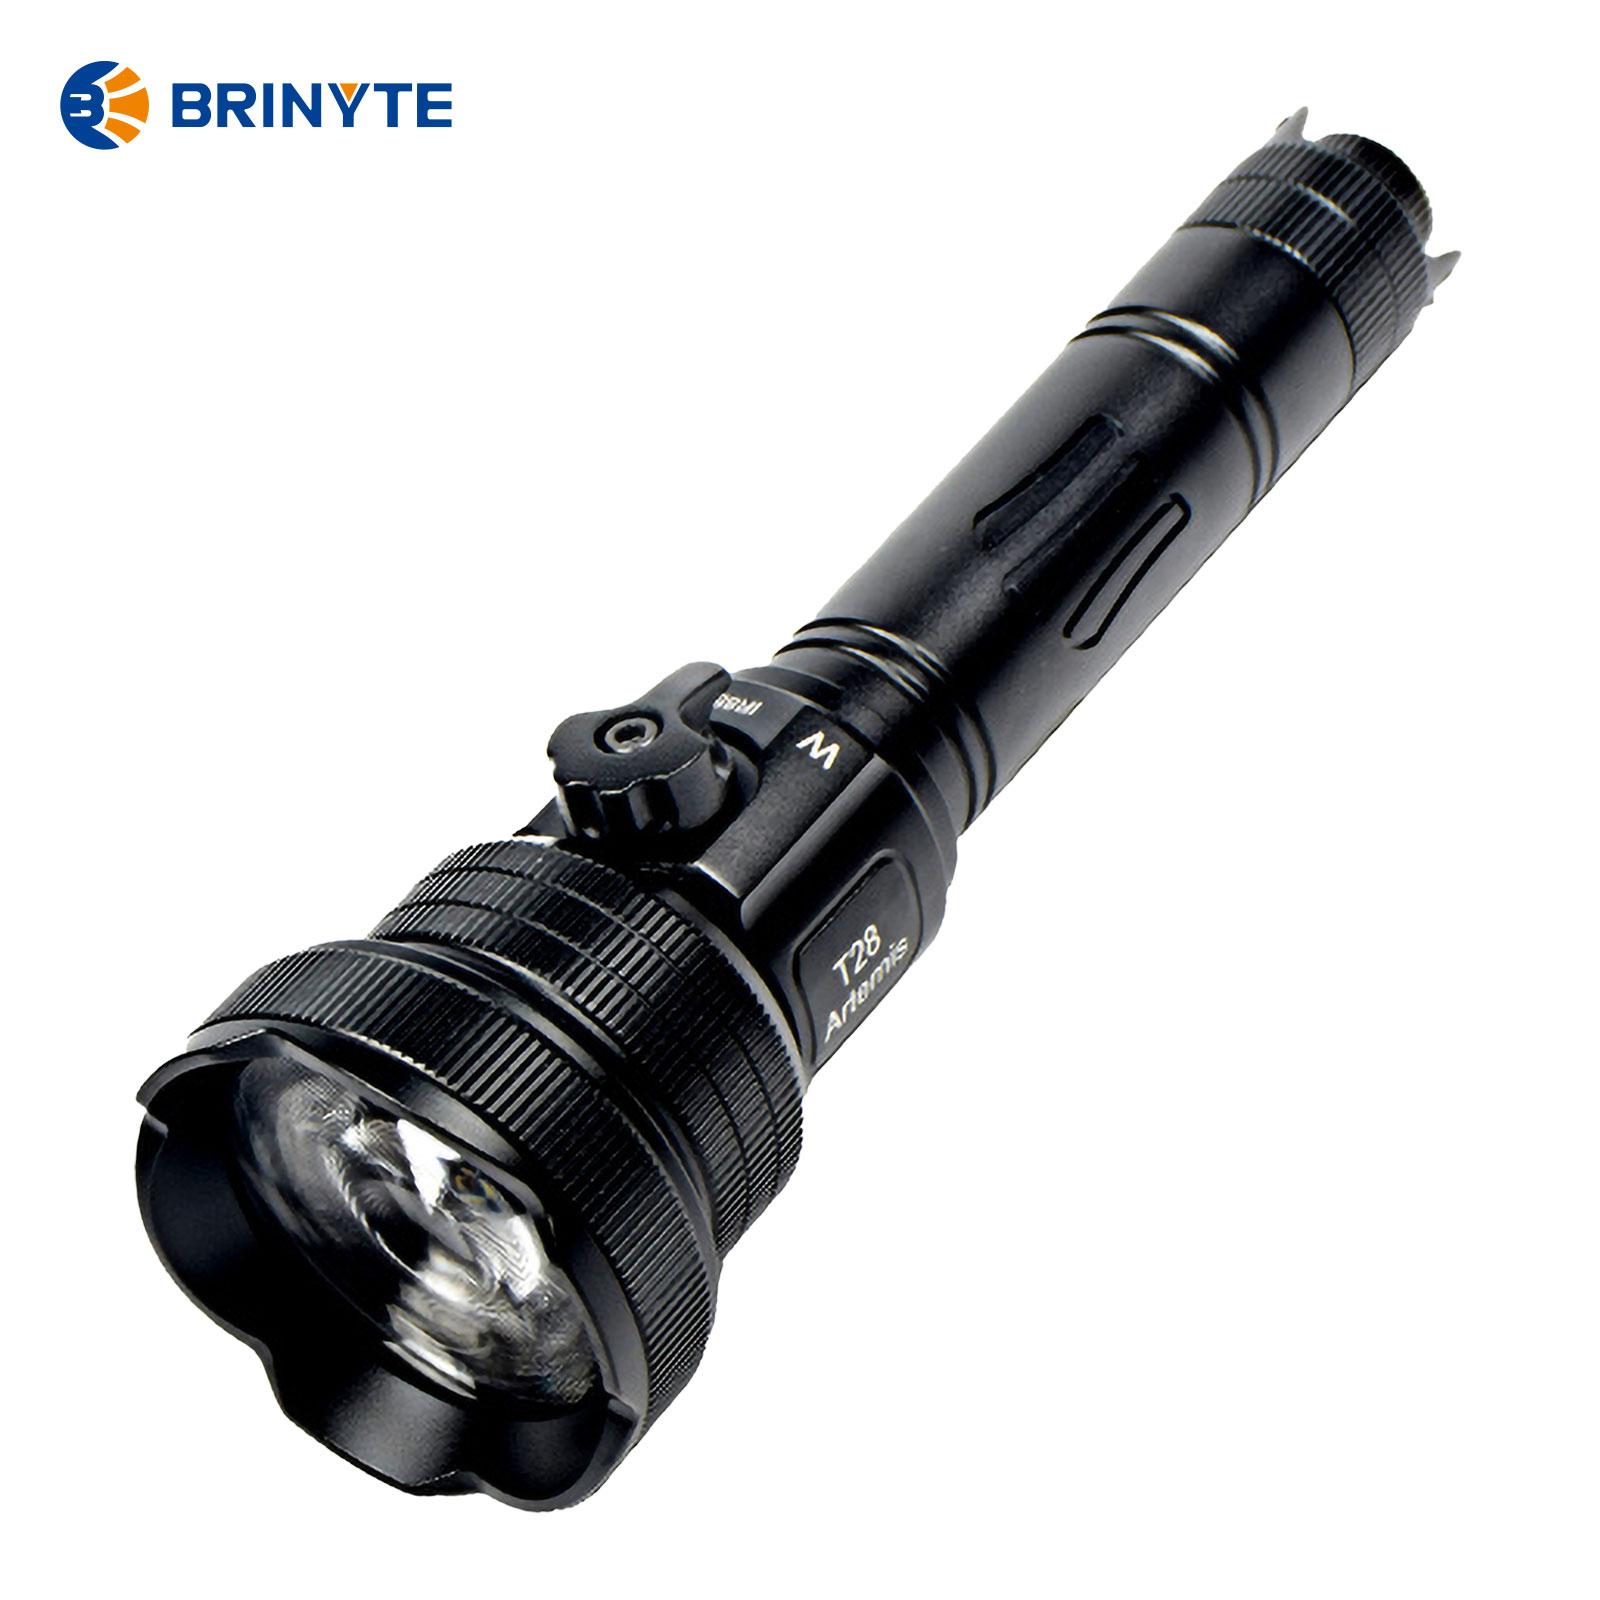 BRINYTE T28 Artemis IR